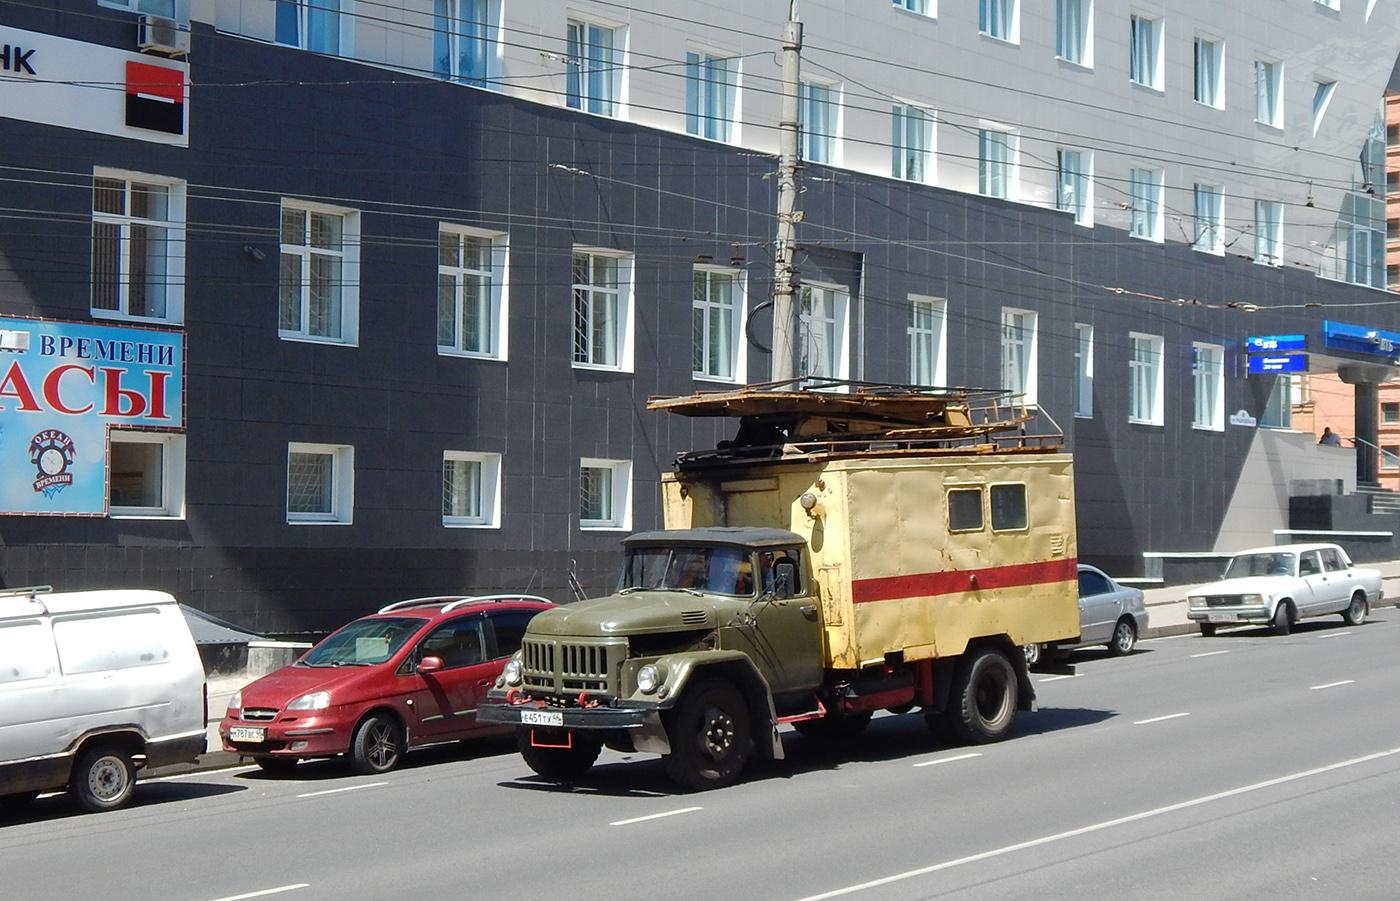 Автоподъёмник для ремонта контактной сети АП-7М на шасси ЗиЛ-431412  # Е 451 ТХ 46. г. Курск, ул. Радищева